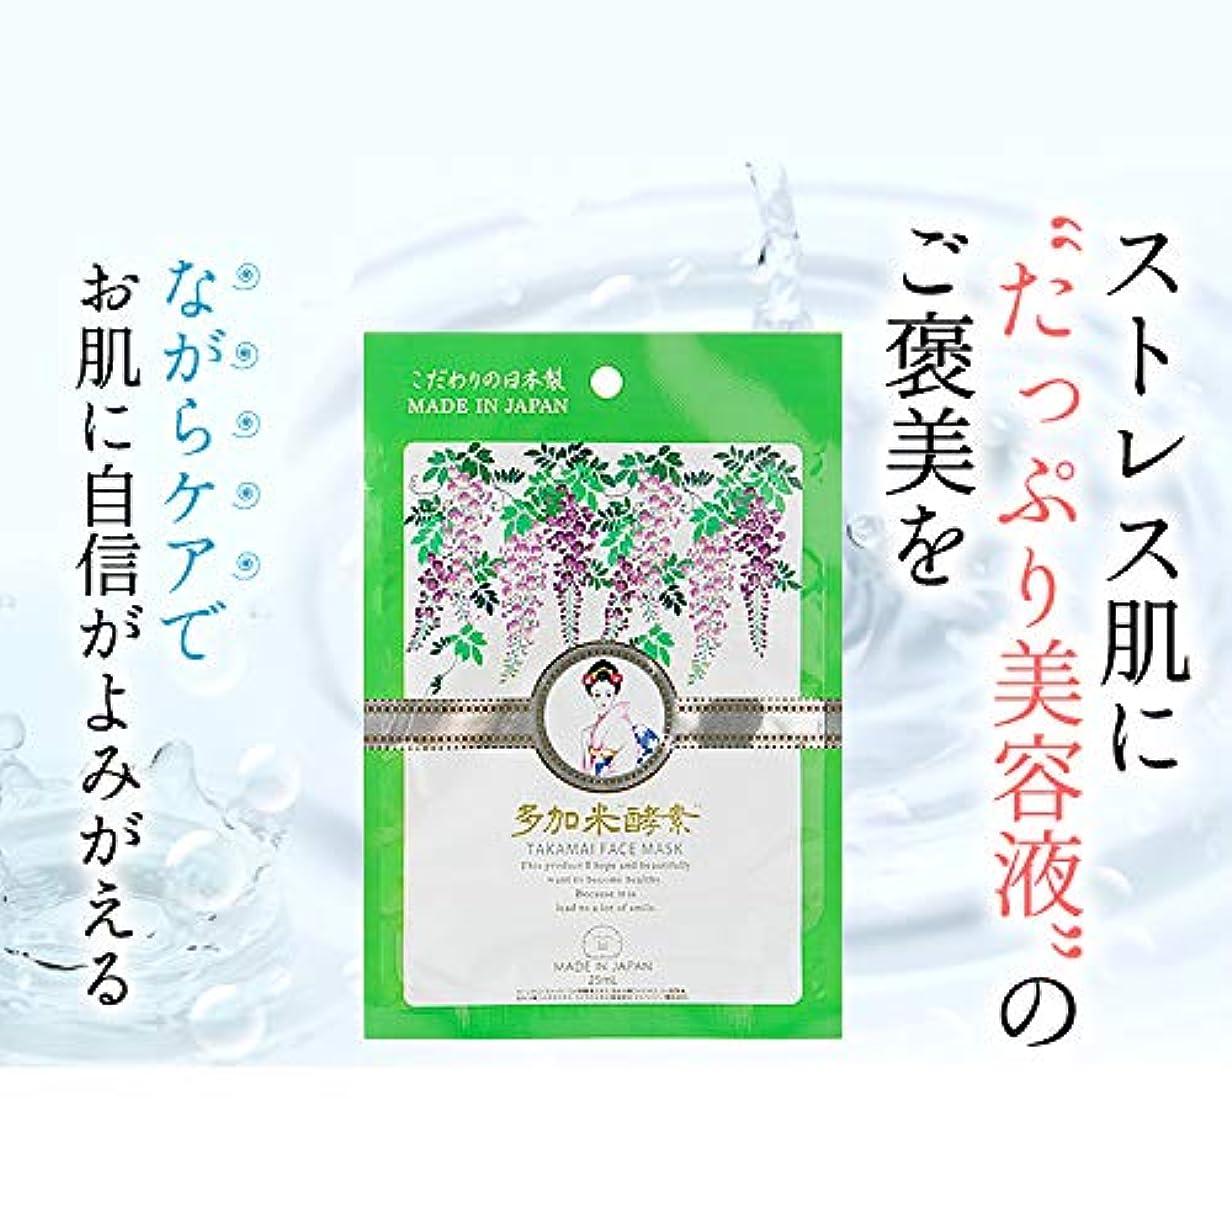 不変専門化するフェデレーション多加米酵素フェイスマスク シートマスク フェイスマスク 保湿マスク 美容液 25ml 10枚セット